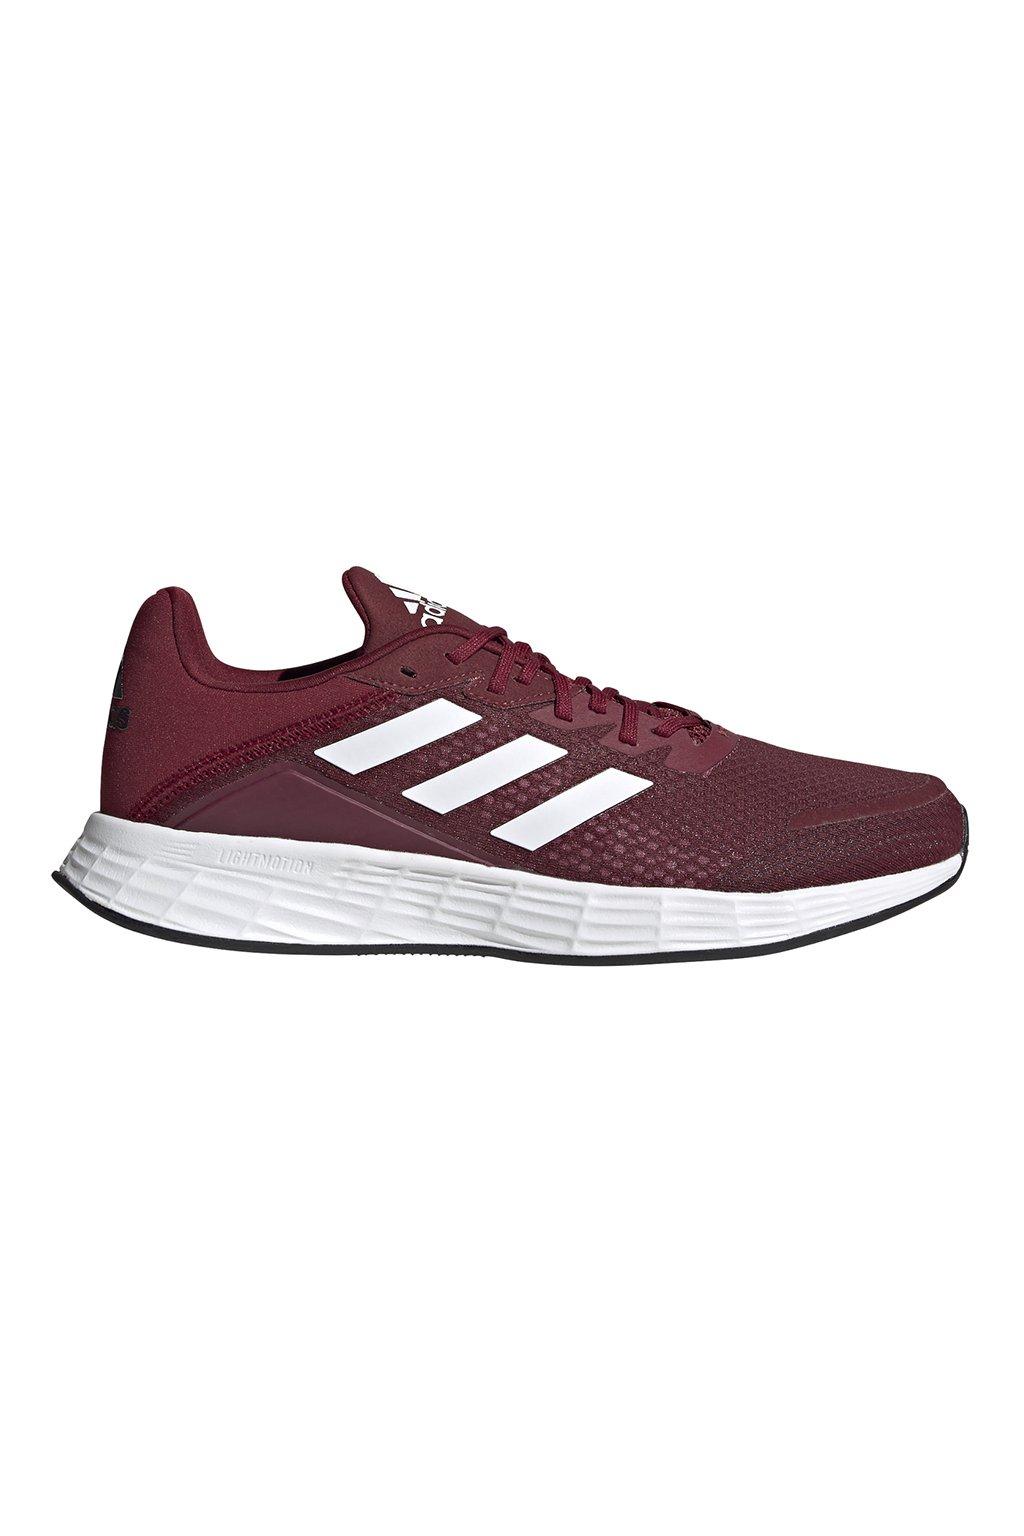 Pánske bežecké topánky Adidas Duramo SL bordové FW3217